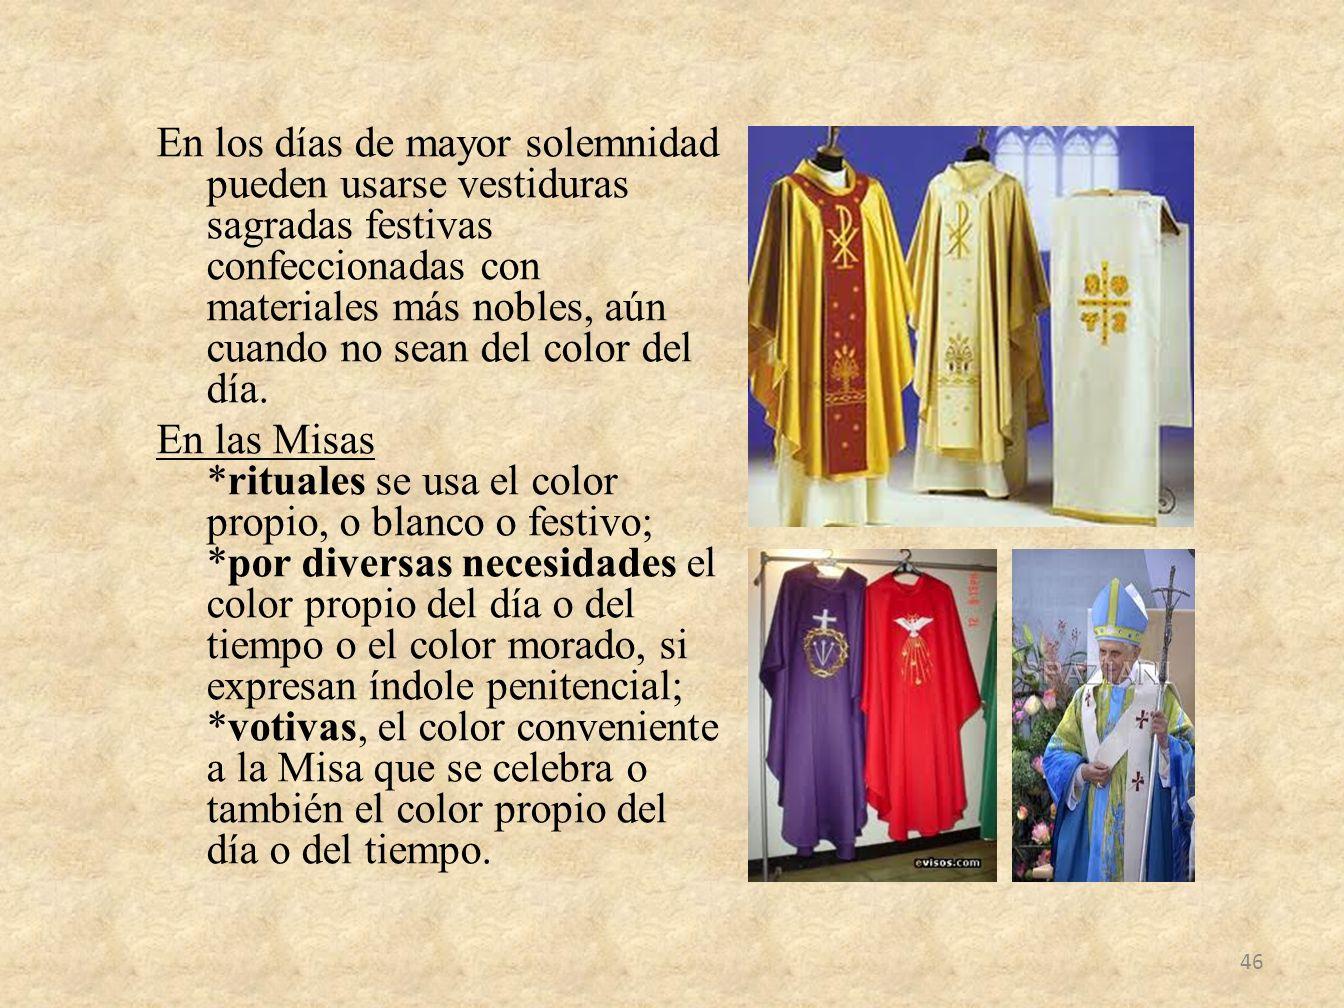 En los días de mayor solemnidad pueden usarse vestiduras sagradas festivas confeccionadas con materiales más nobles, aún cuando no sean del color del día.